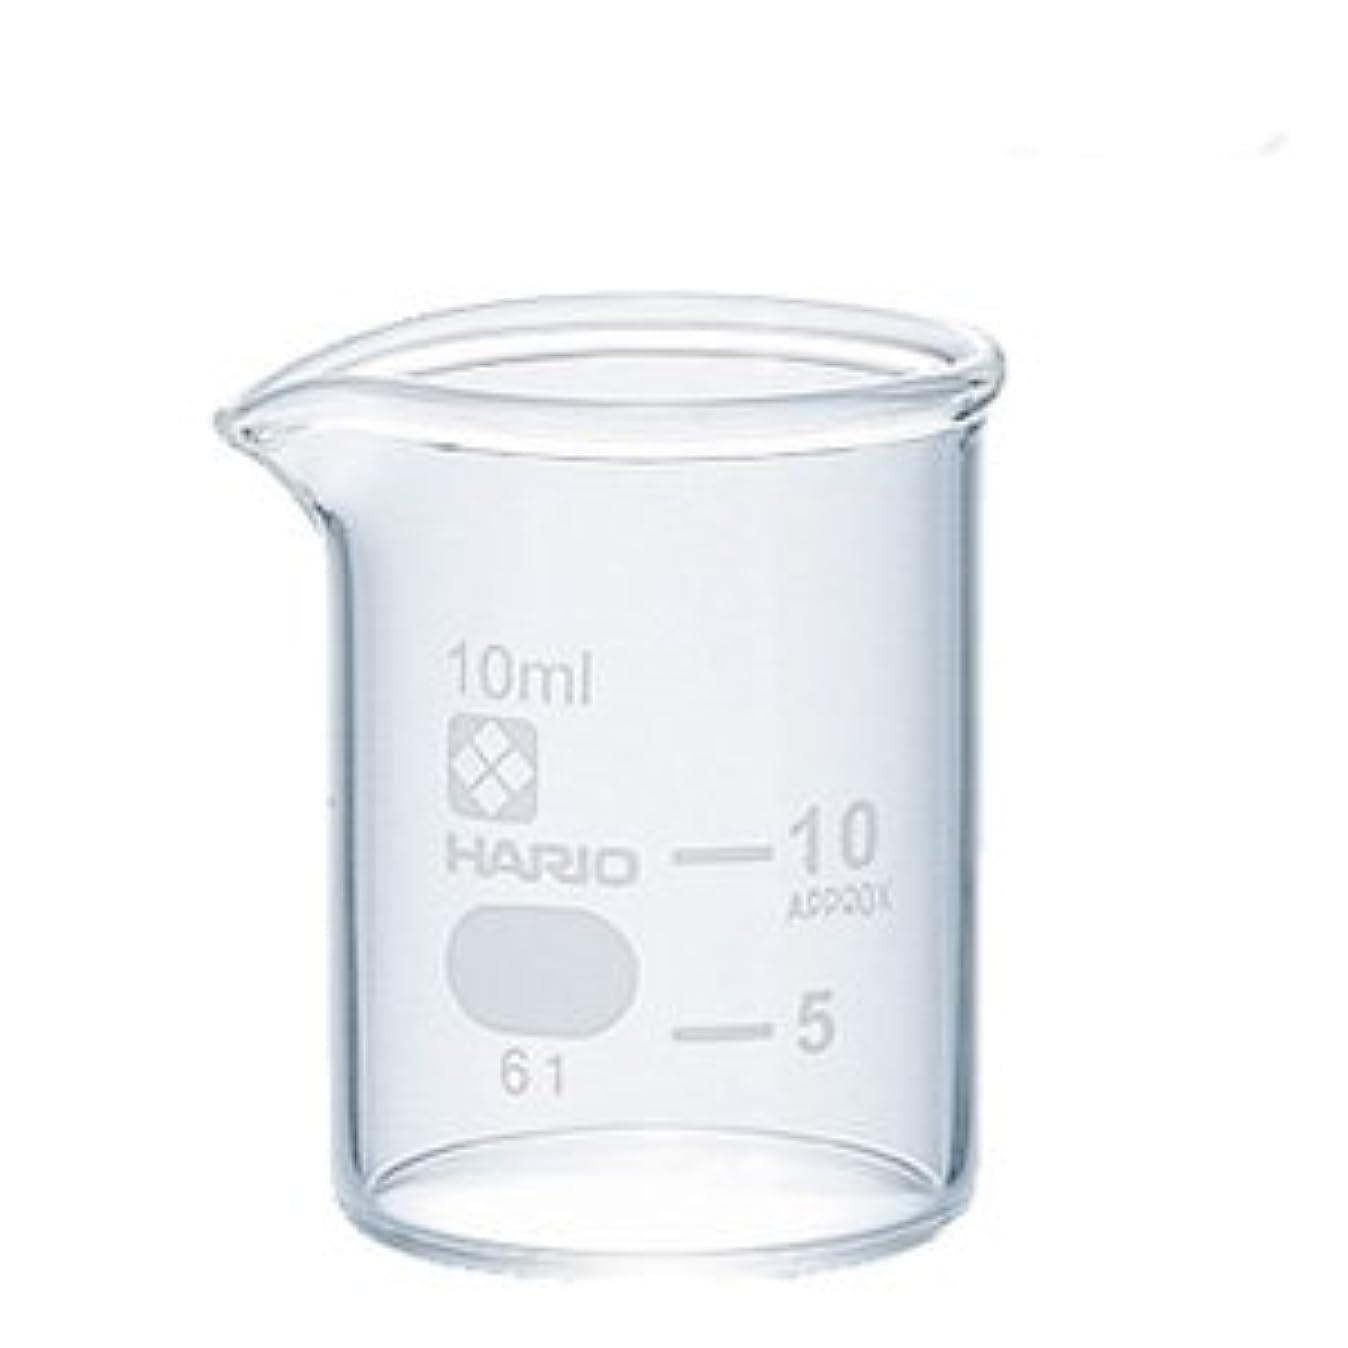 ガラスビーカー 10ml 【手作り石鹸/手作りコスメ/手作り化粧品】